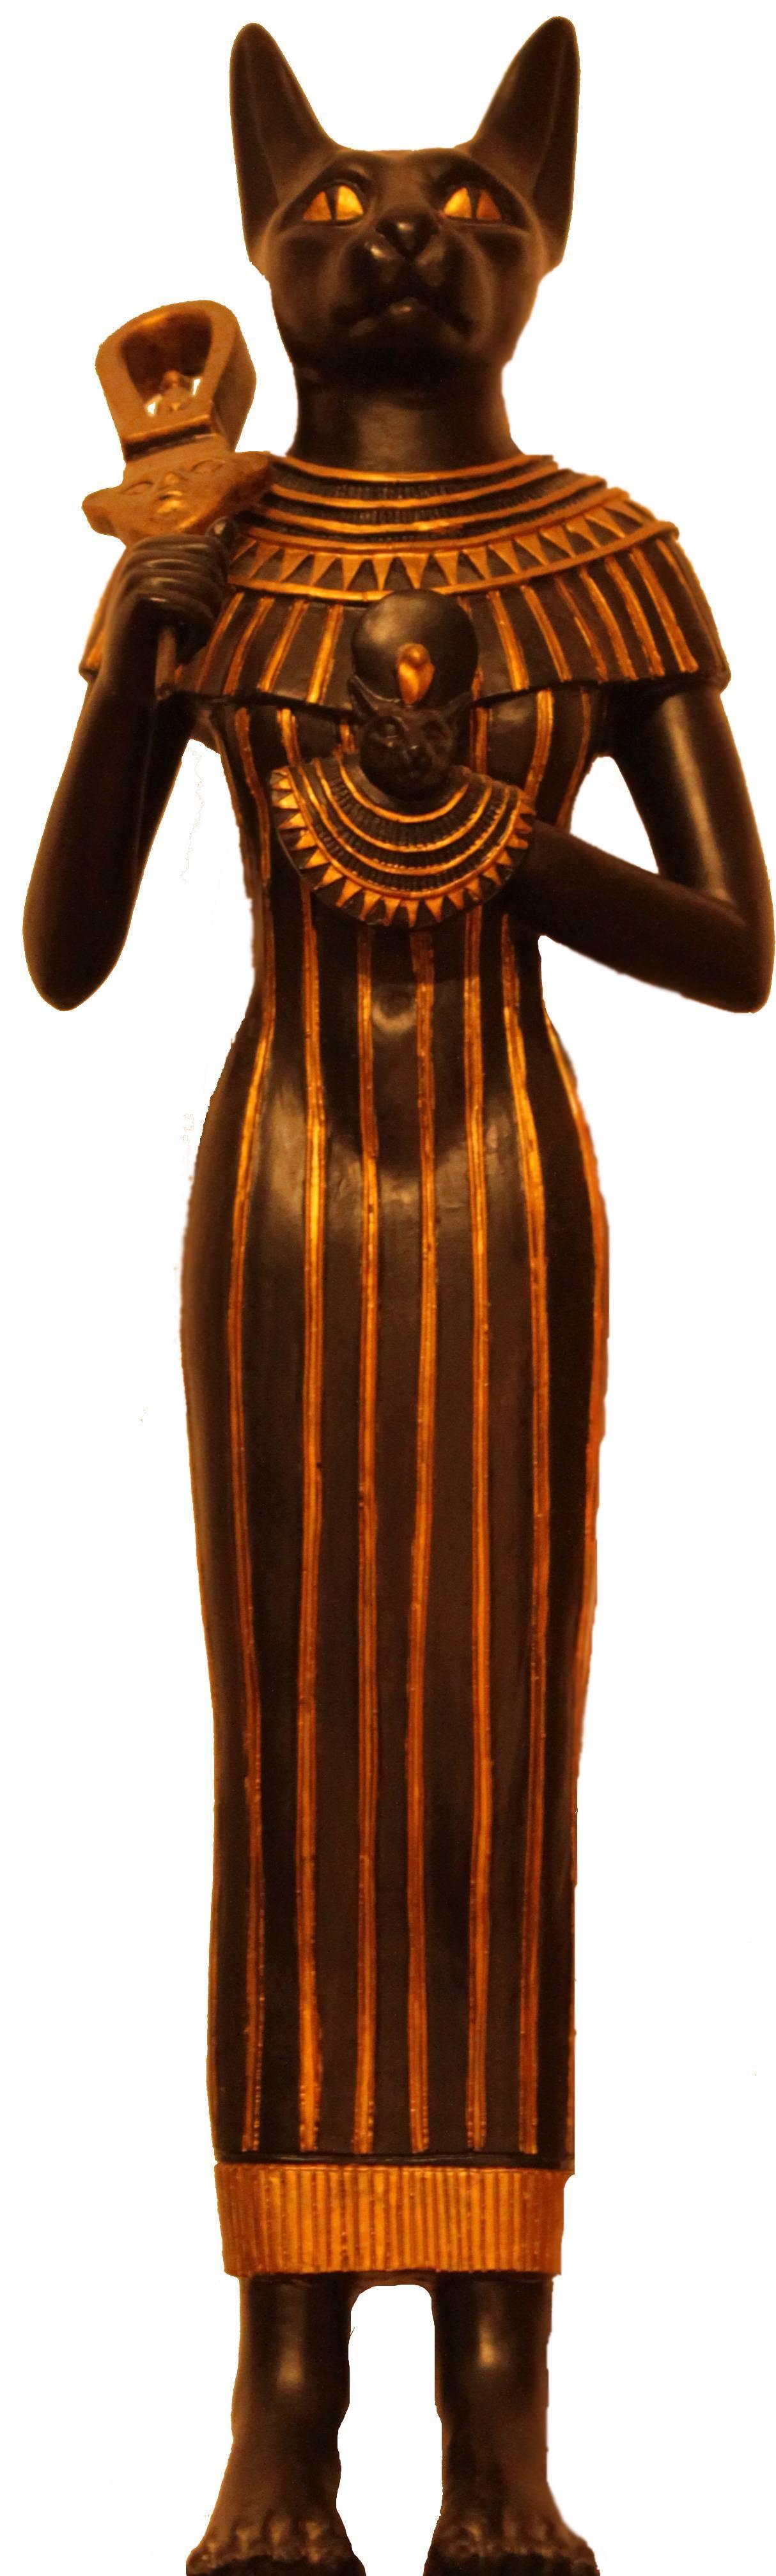 Богиня хатхор – прекрасная и ужасная